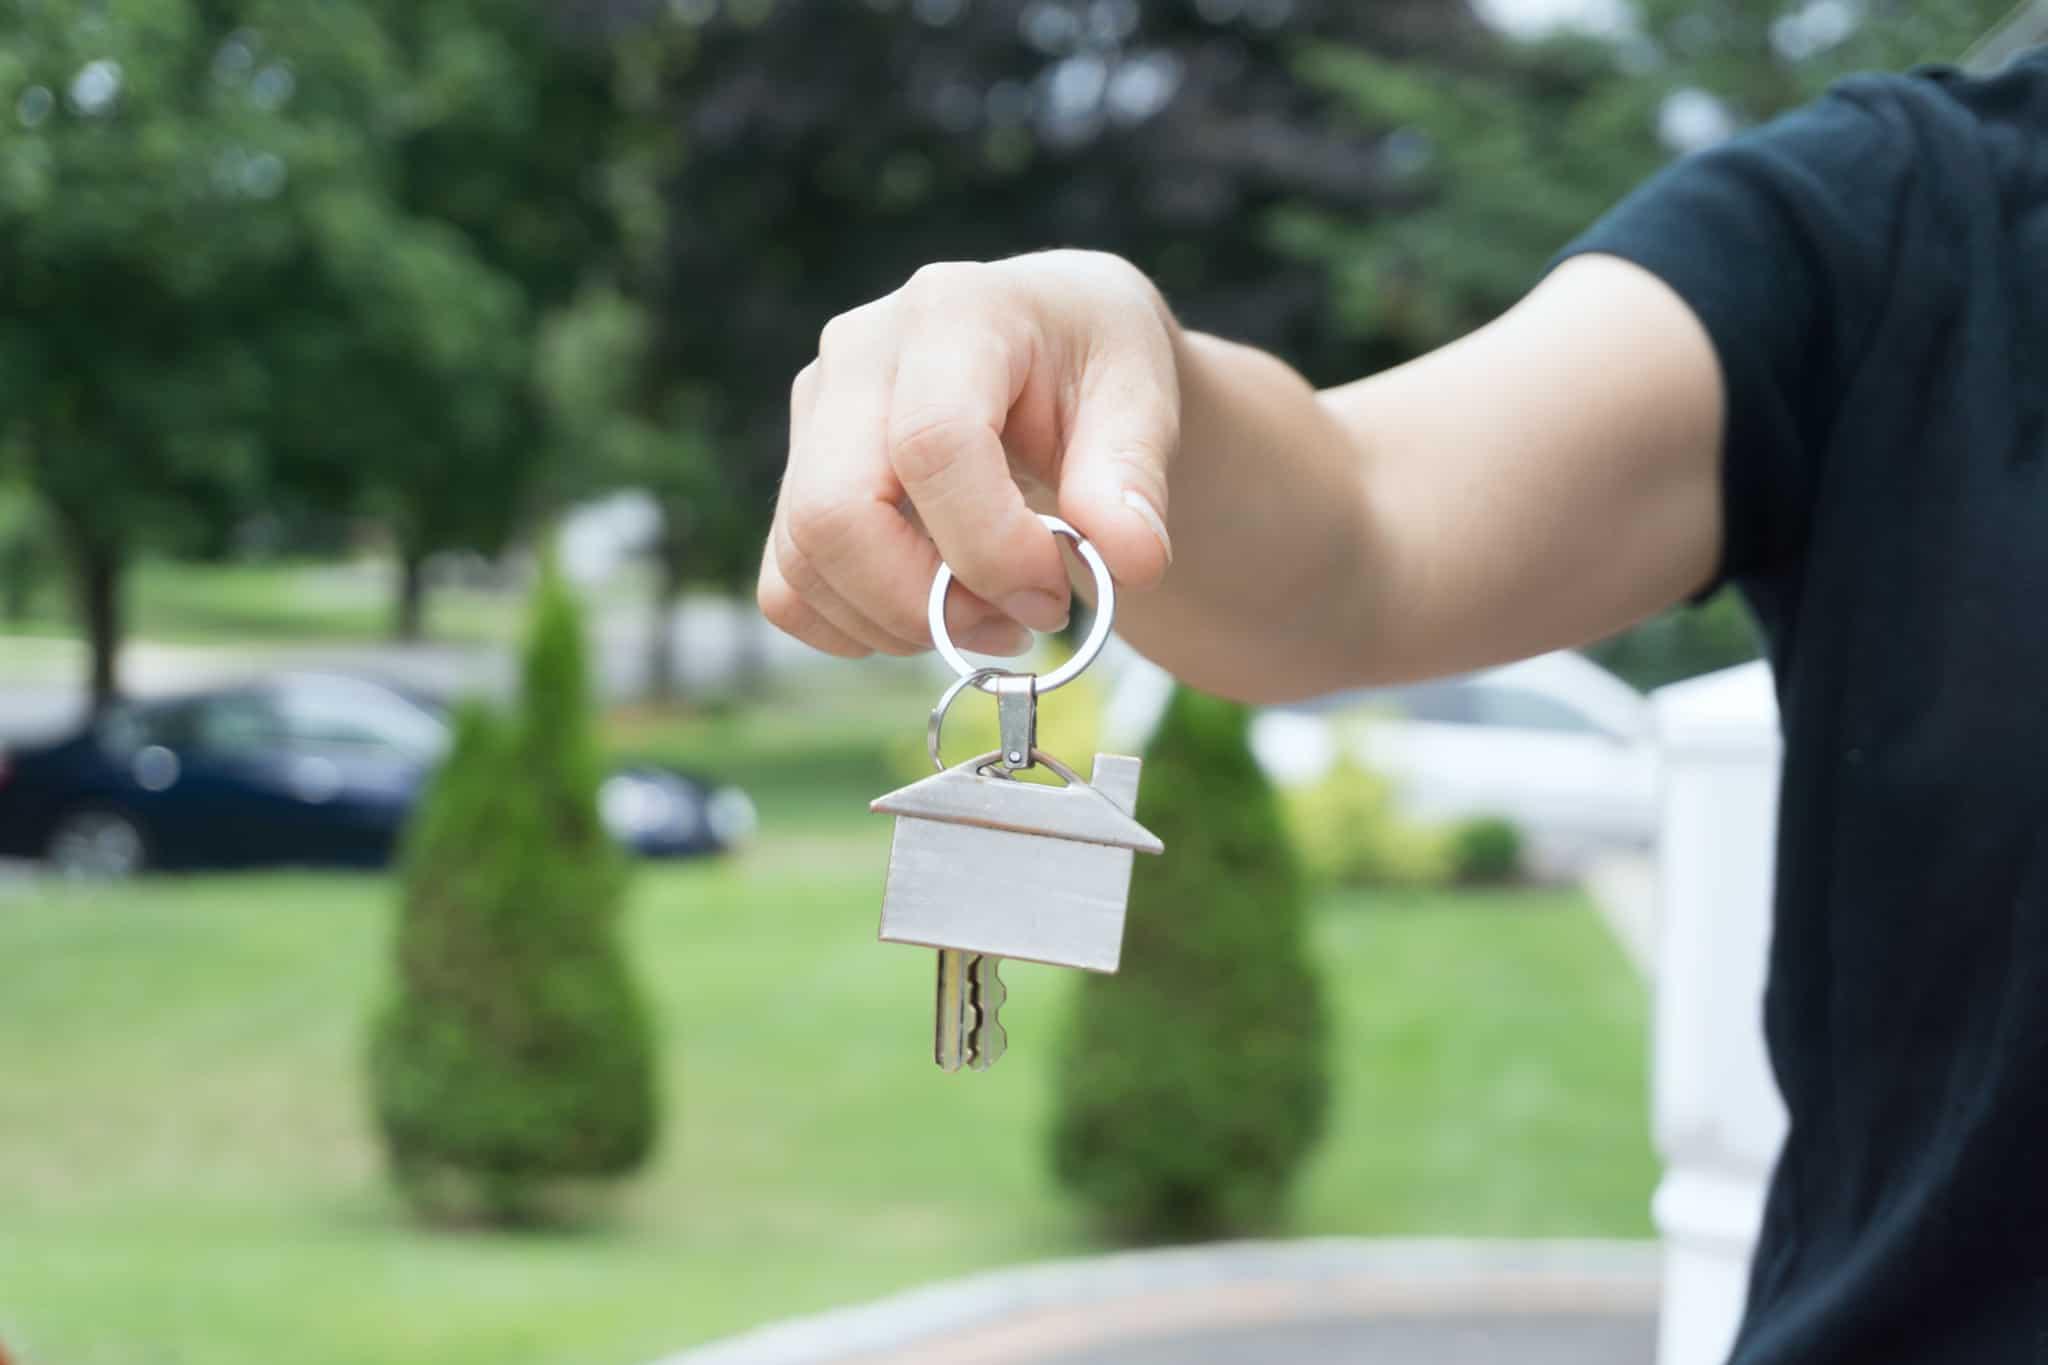 Homem a segurar em porta chaves de uma casa